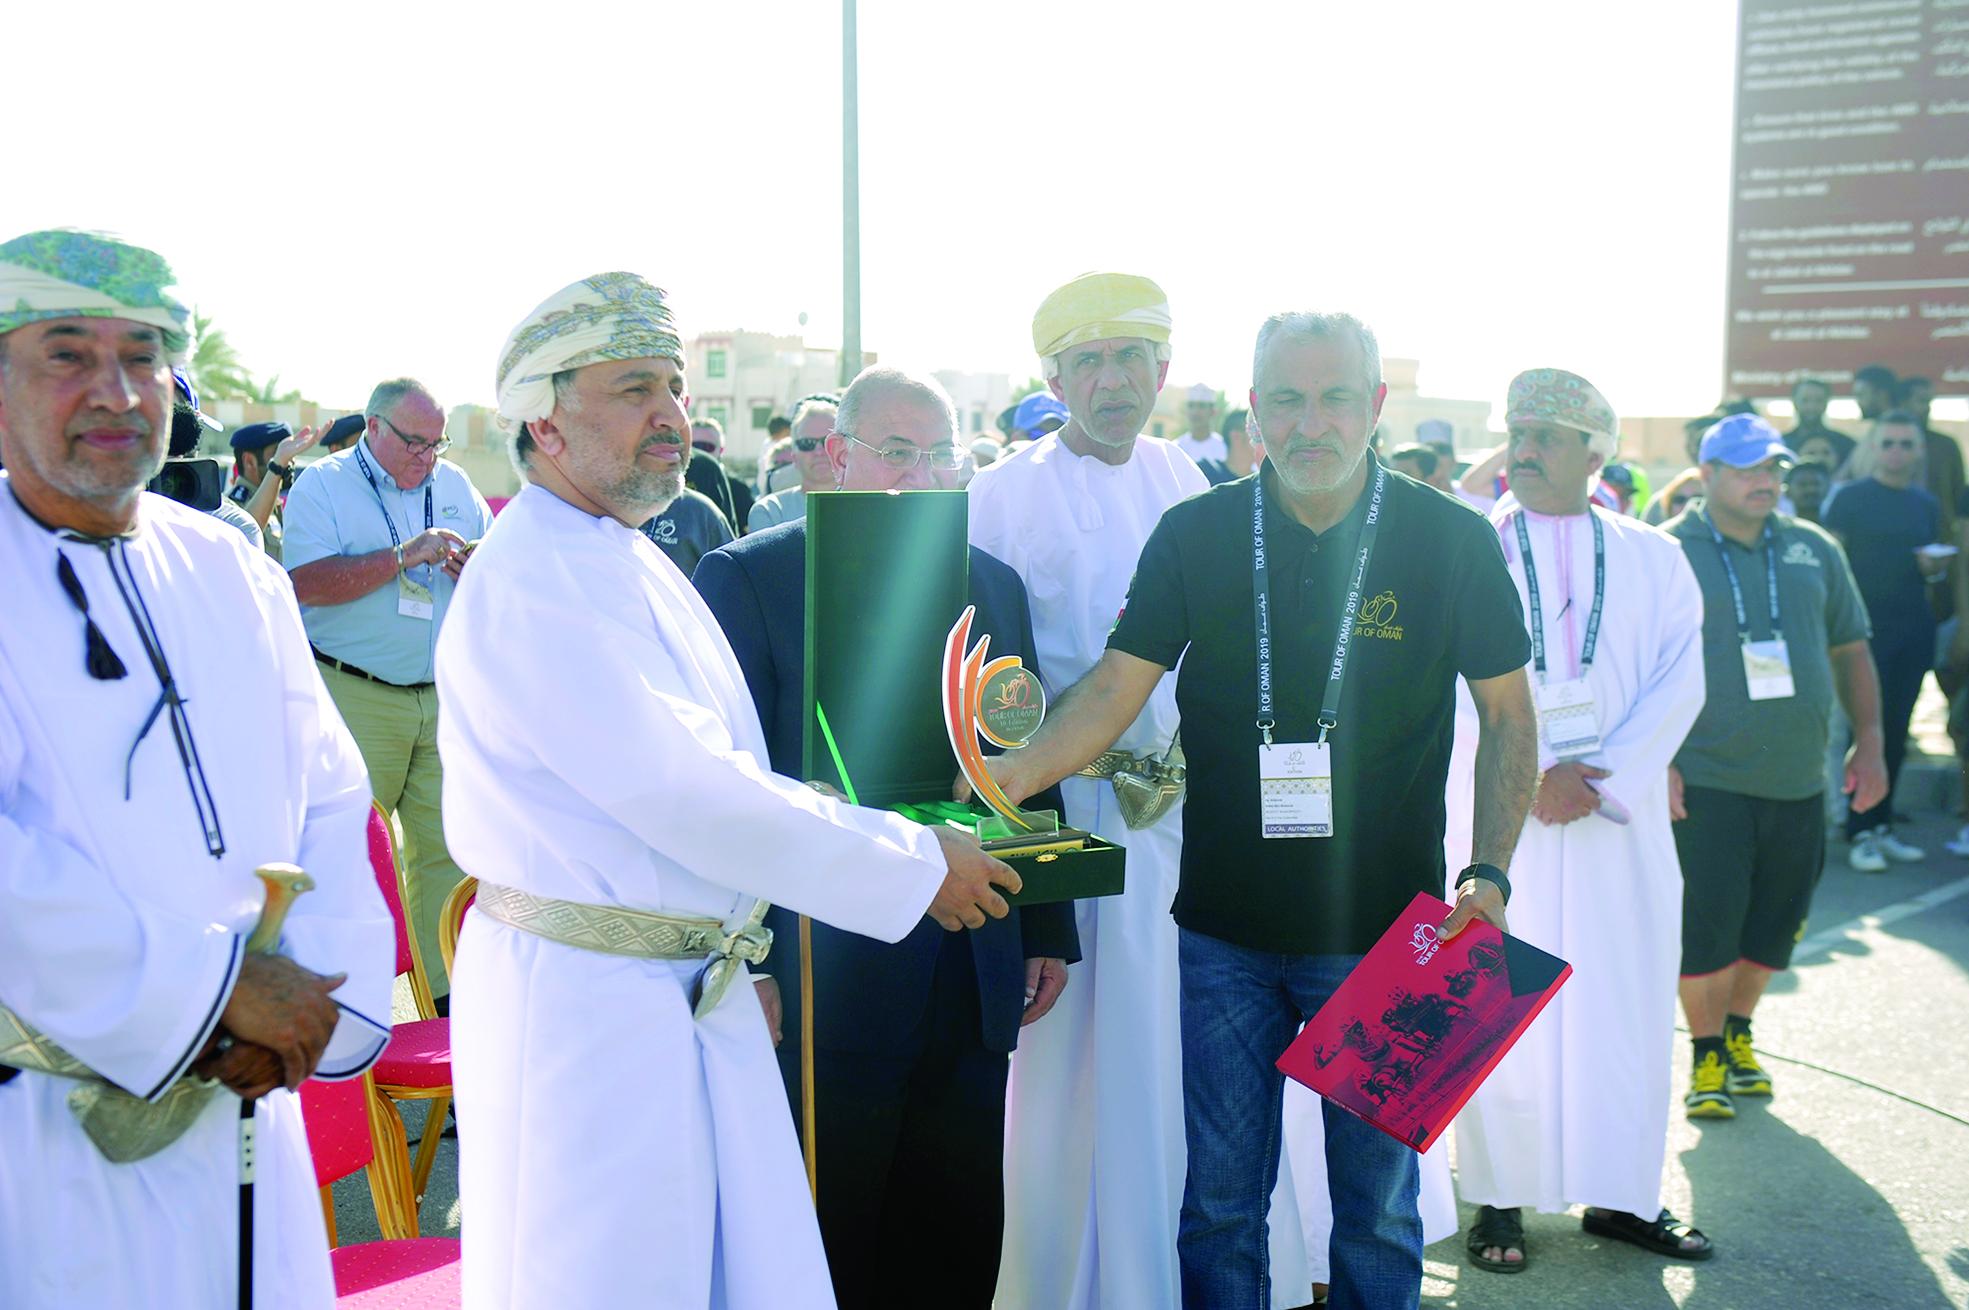 لوتشينكو بطلا للمرة الثالثةاليوم.. إسدال الستار على منافسات طواف عمان 2019